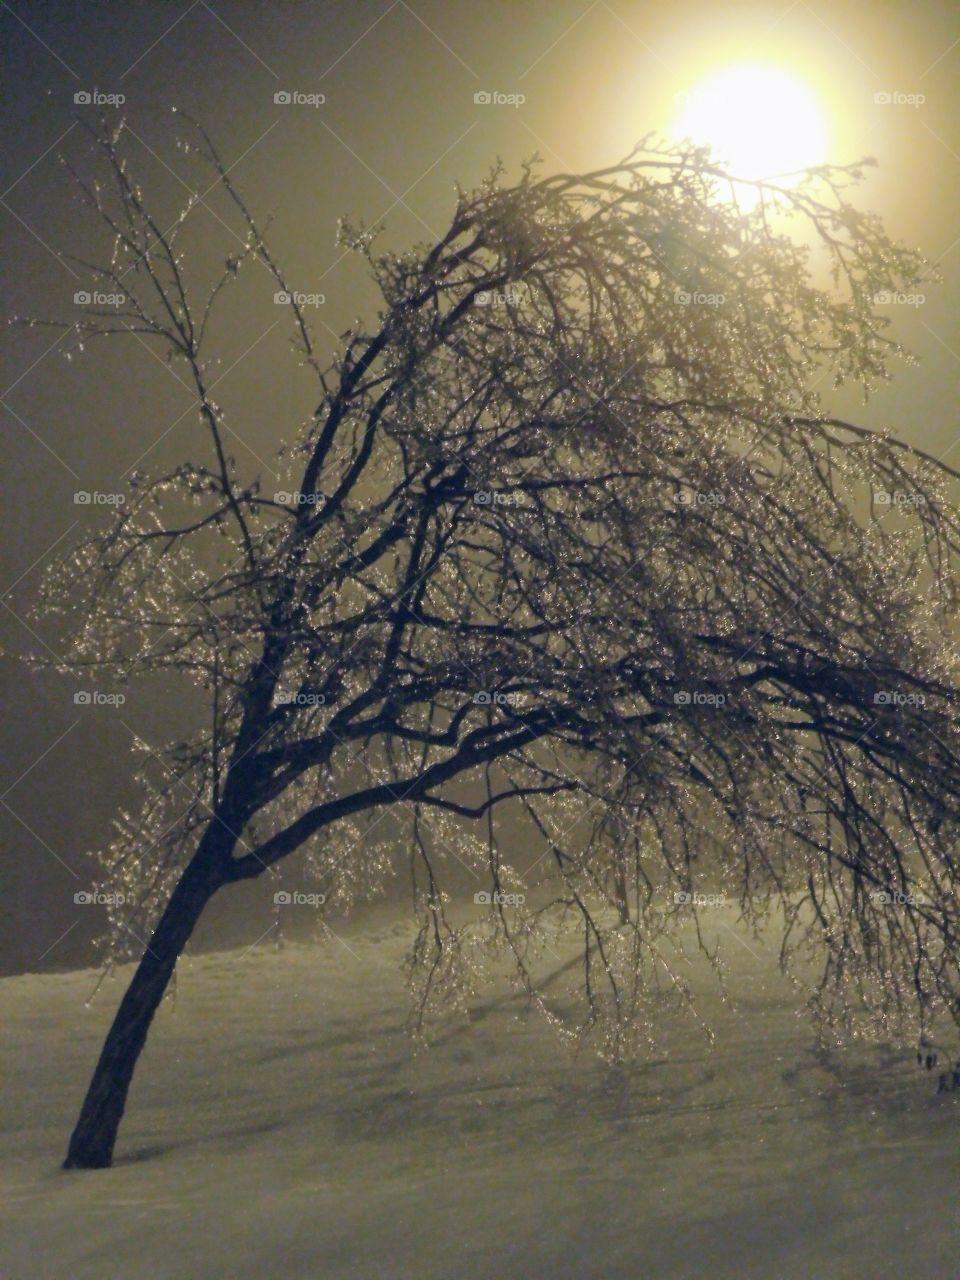 Froze tree leaning sideway